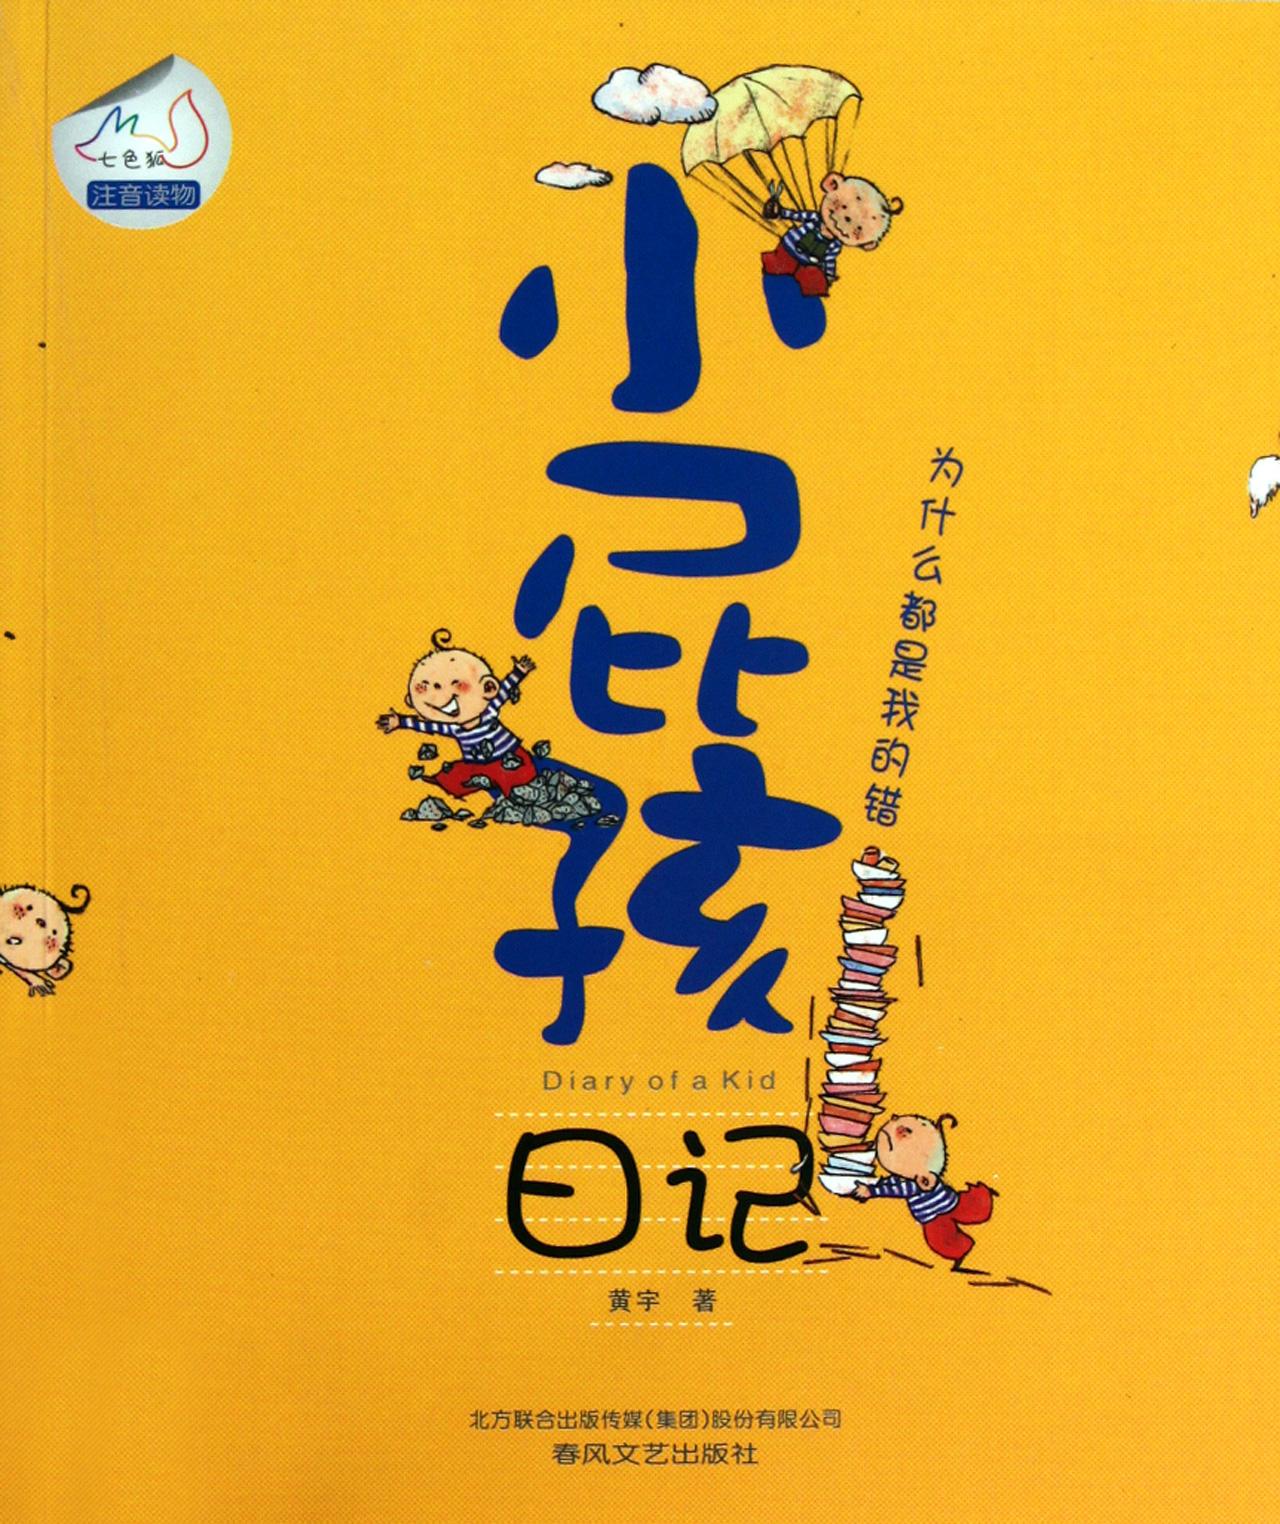 小屁孩日记3电影_求类似小屁孩日记的电影~ 重点,有小鬼当家3英文版高清的下载 ...